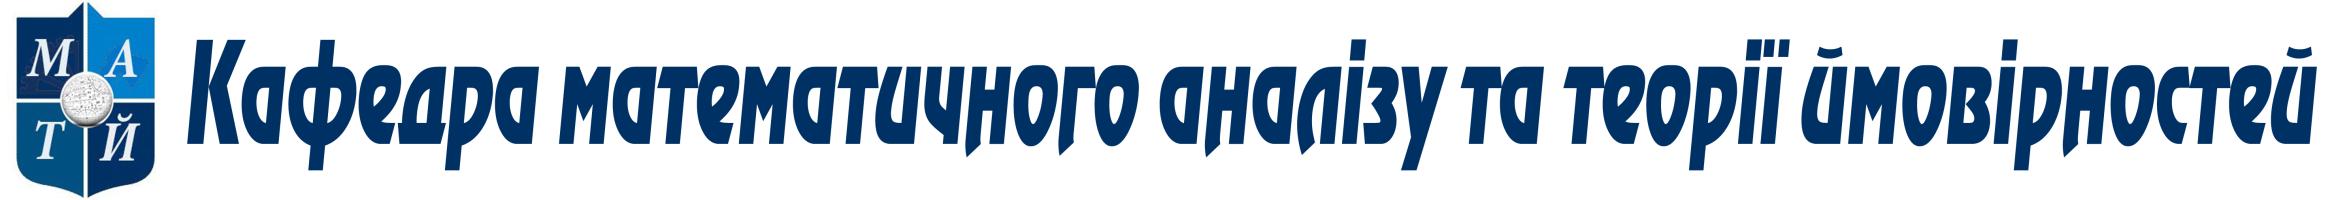 Кафедра математичного аналізу та теорії ймовірностей КПІ ім. Ігоря Сікорського